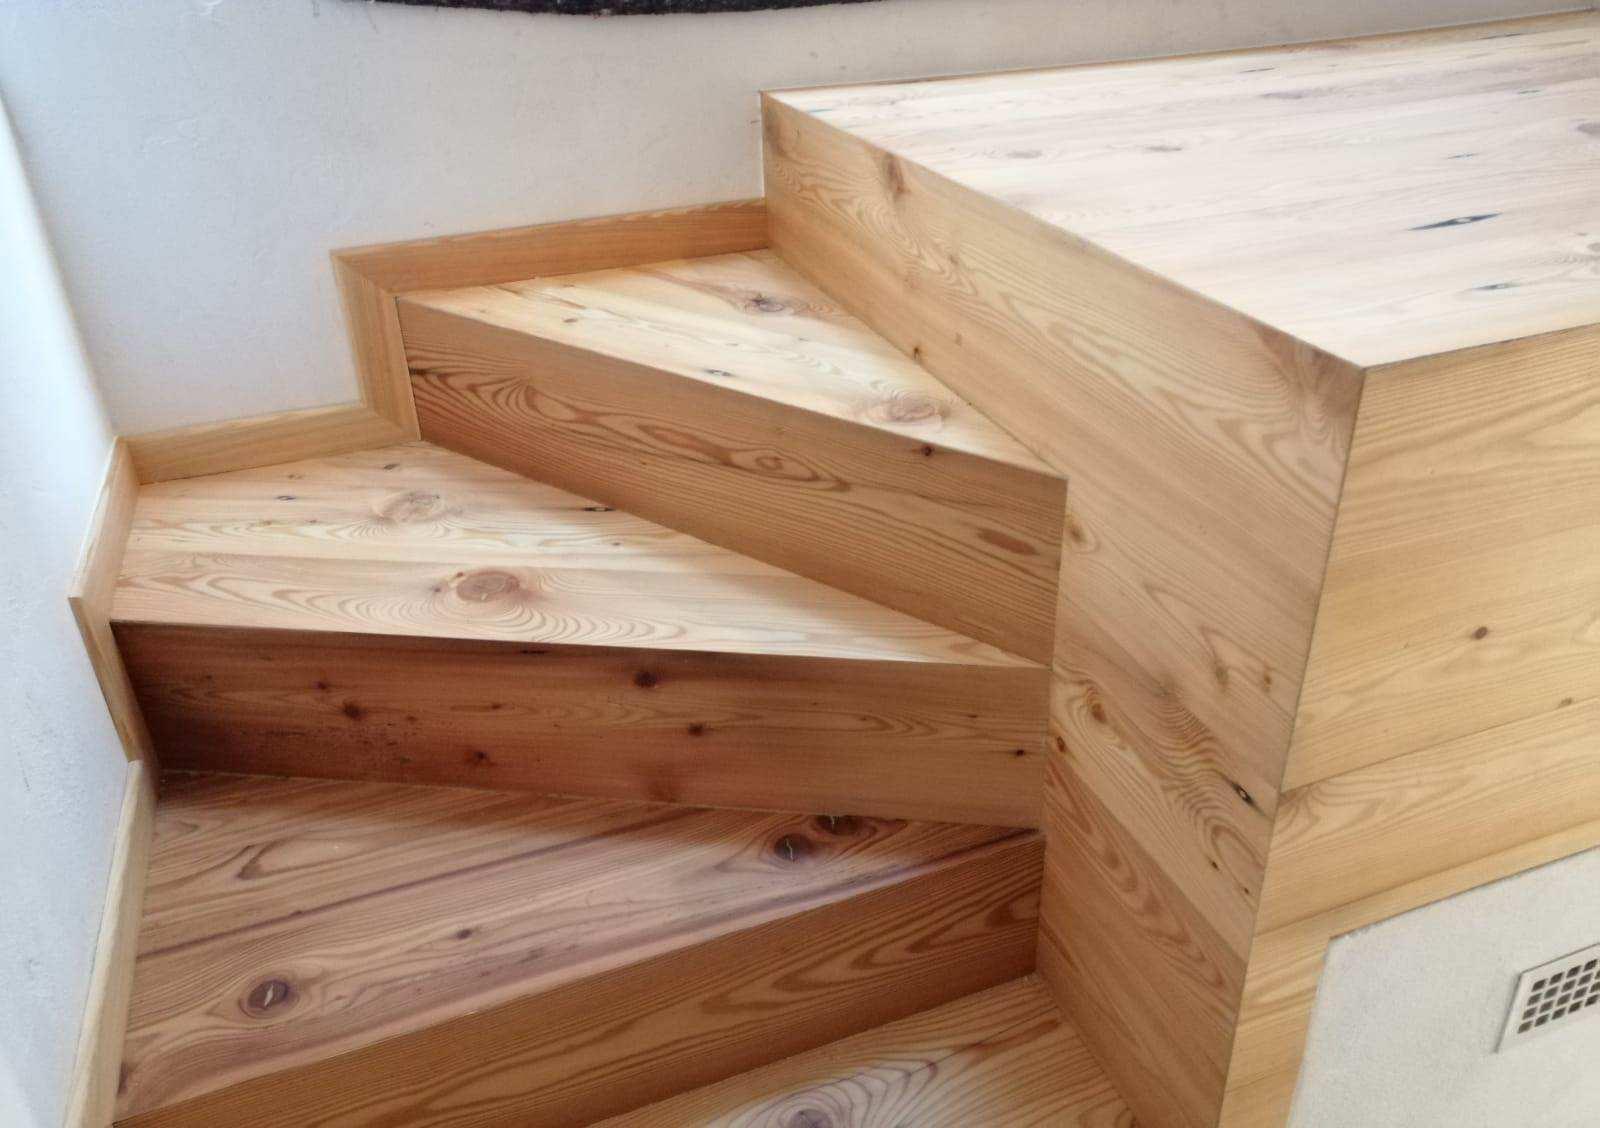 pavimenti-in-legno-ristrutturazione-abitazione-privata-selva-di-cadore-belluno-1